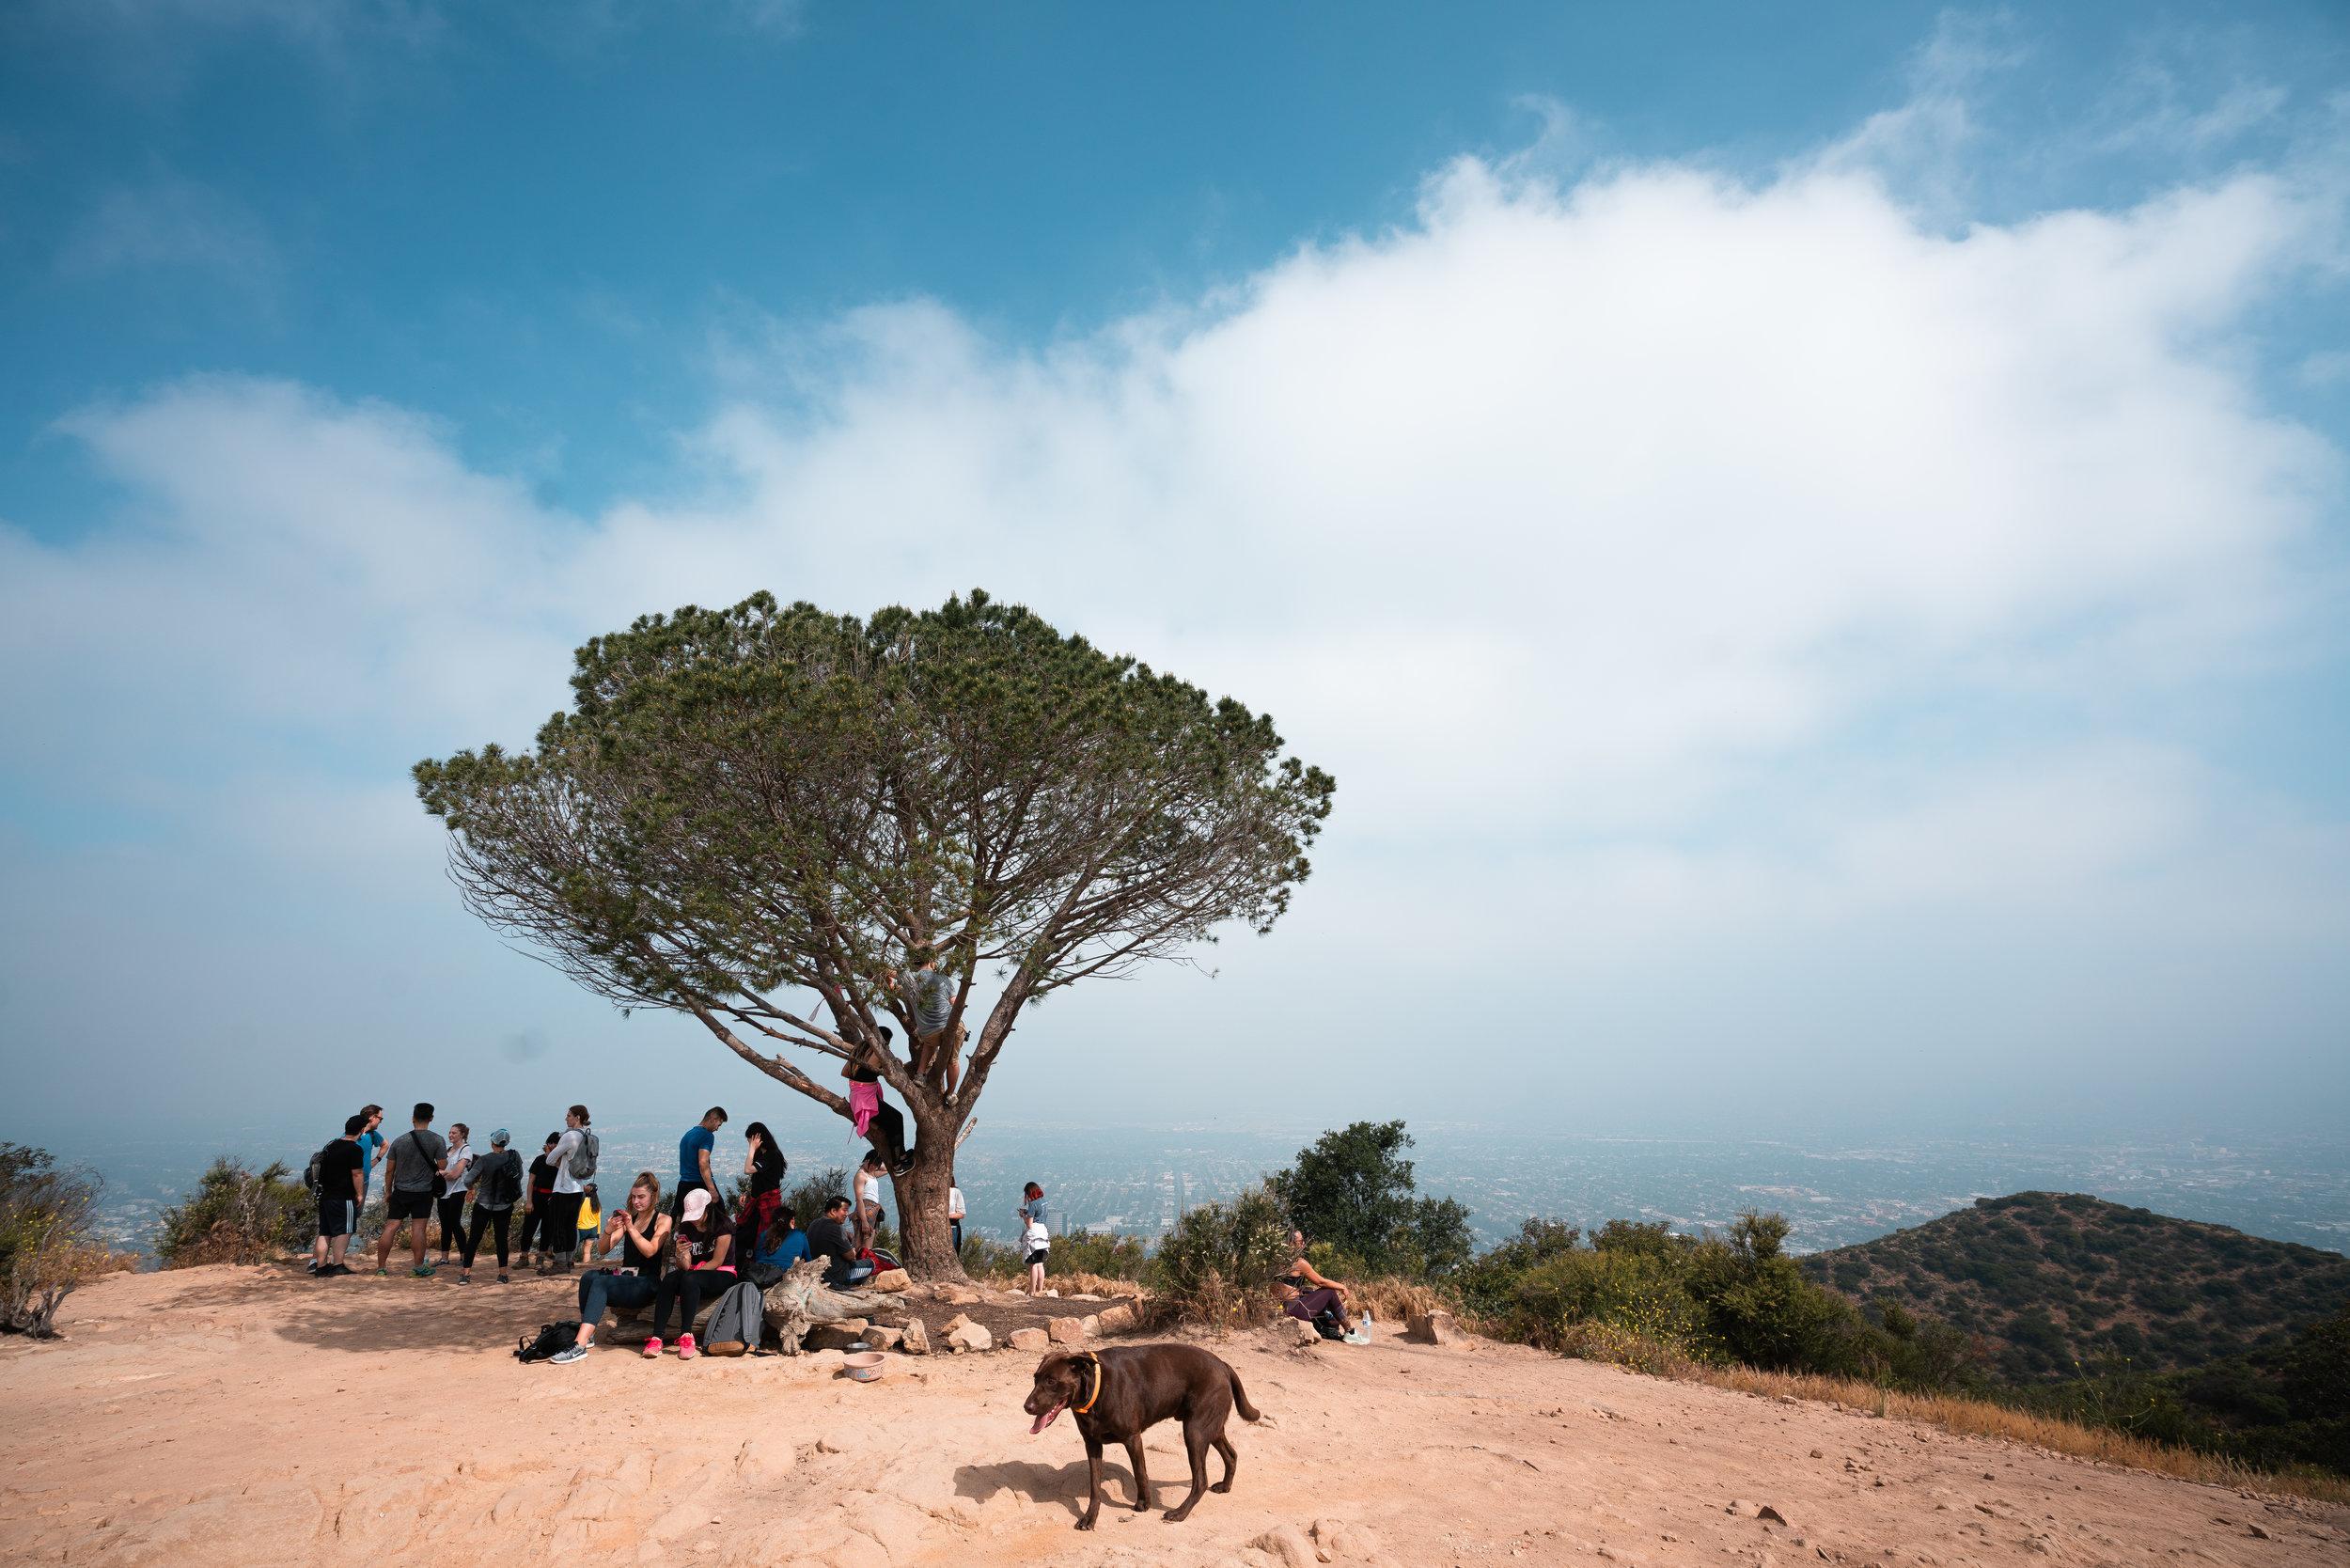 The wisdom tree is pretty crowded :)